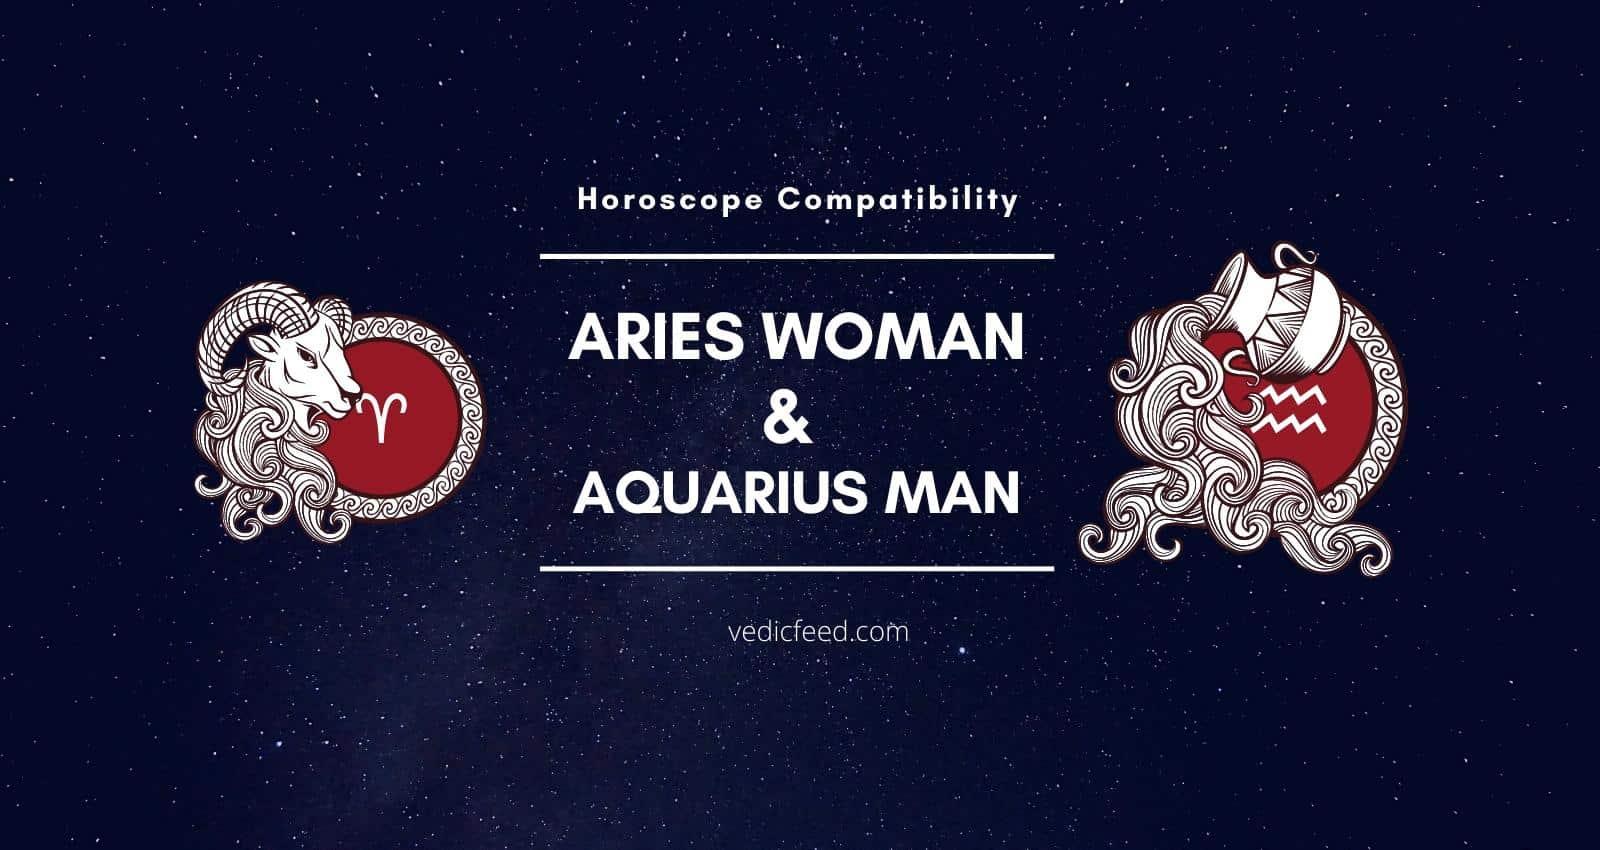 Aries Woman and Aquarius Man